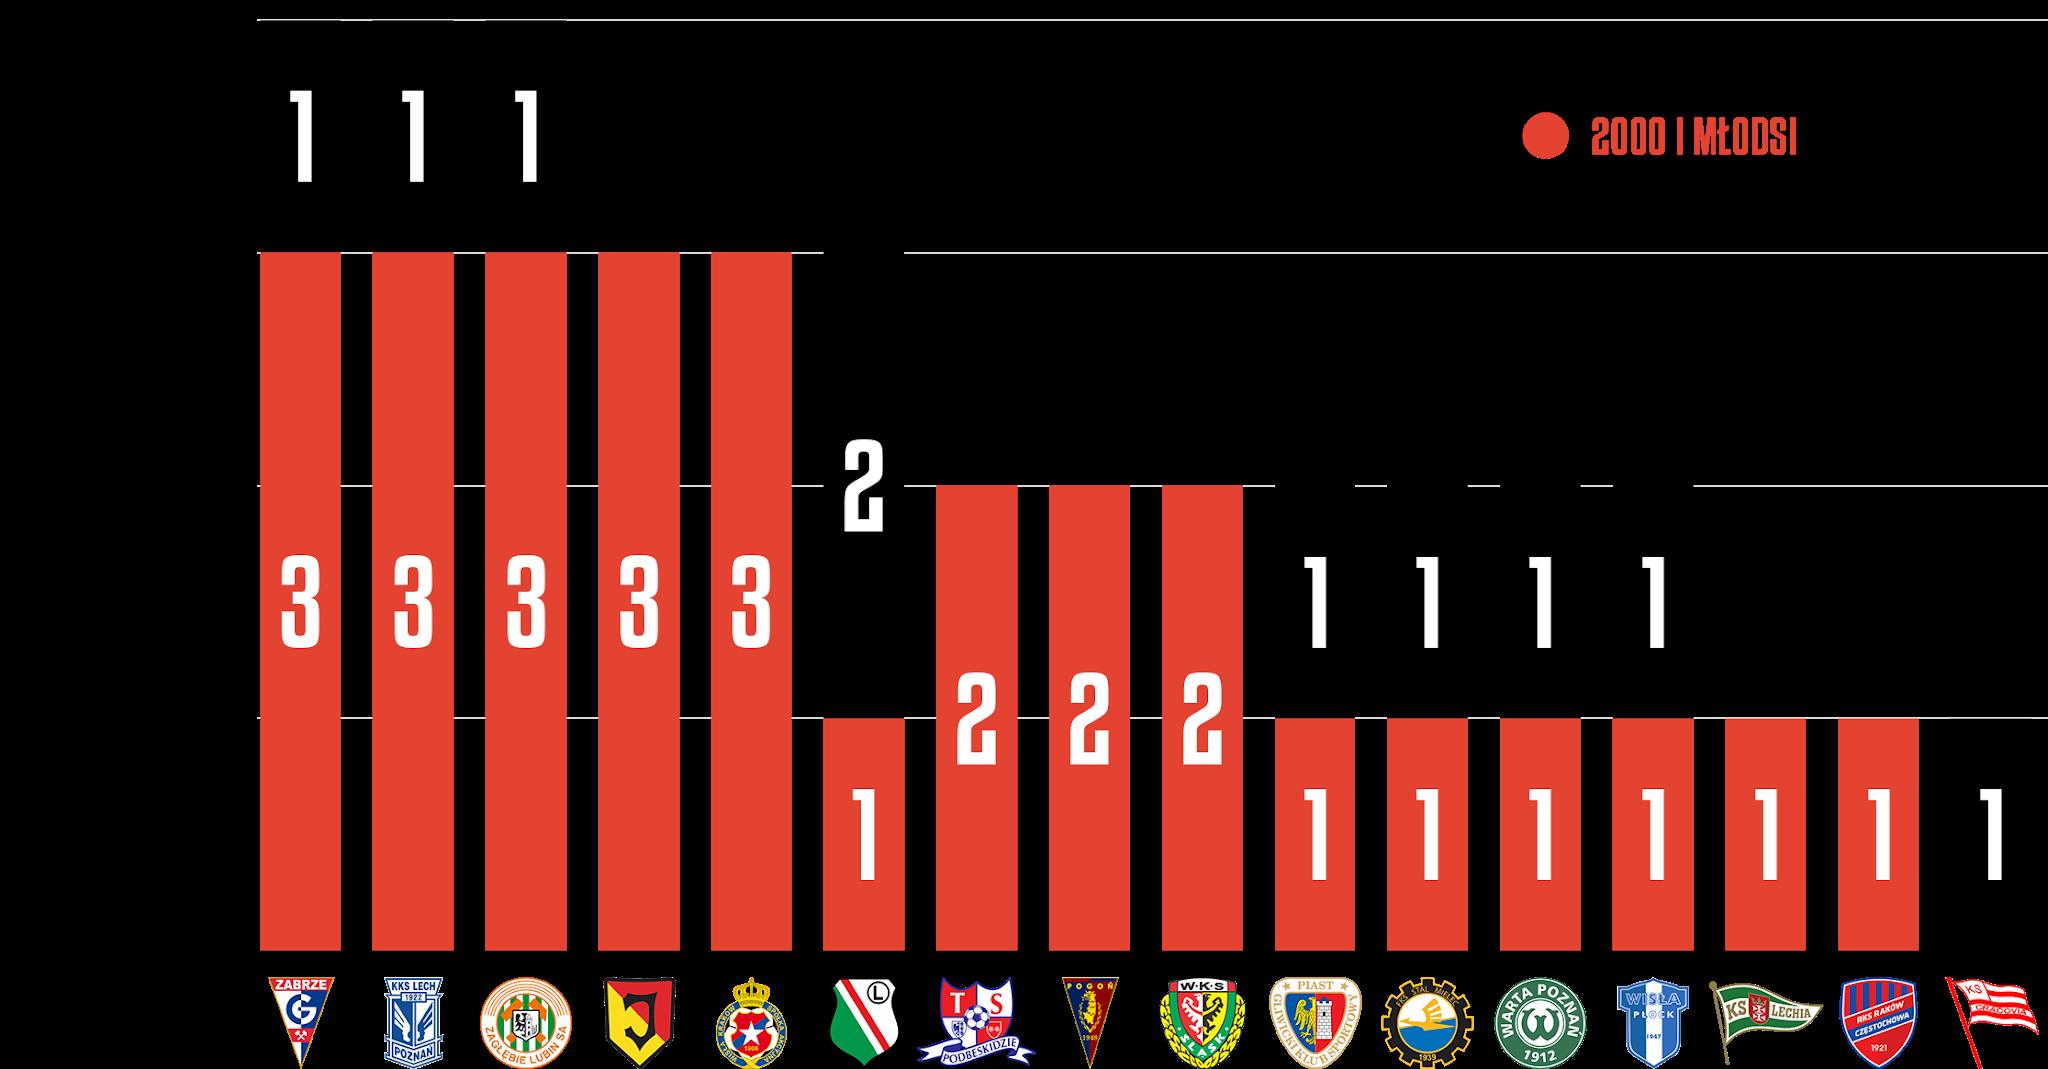 Młodzieżowcy w 22. kolejce PKO Ekstraklasy<br><br>Źródło: Opracowanie własne na podstawie ekstrastats.pl<br><br>graf. Bartosz Urban